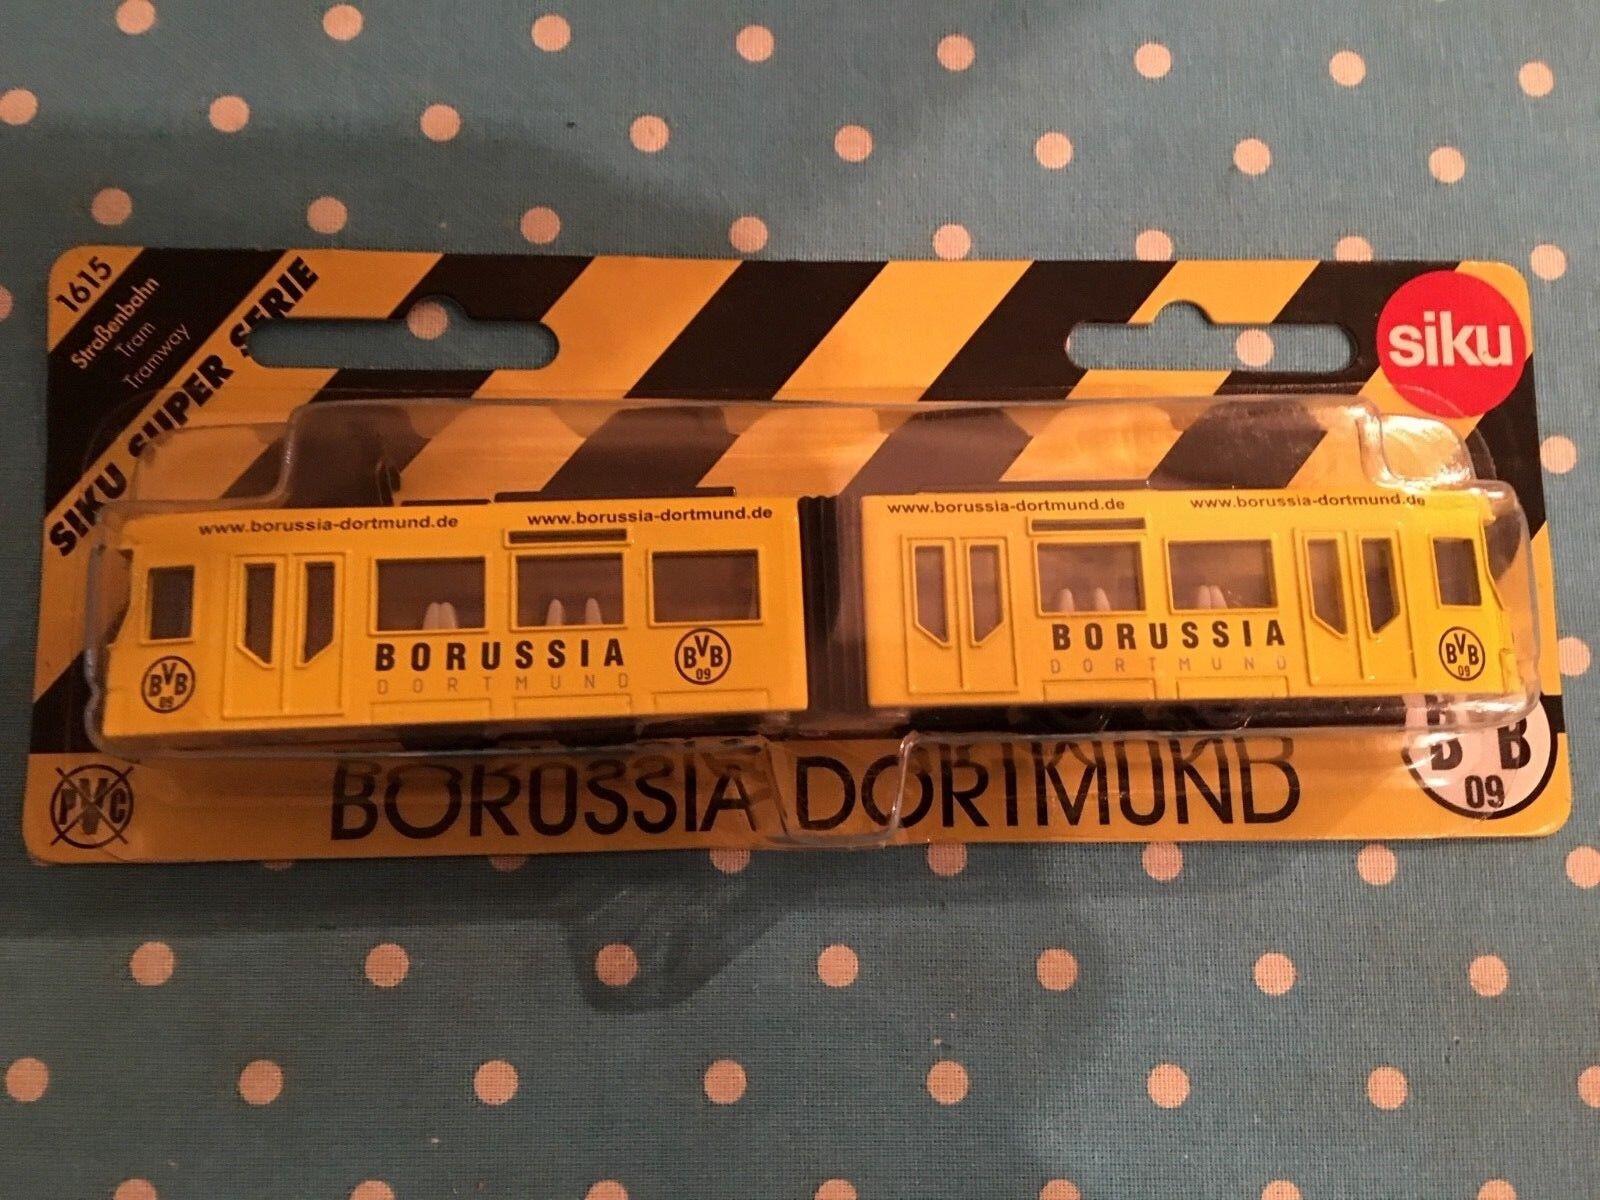 Siku Super Serie Strassenbahn Borussia Dortmund BVB Rarität